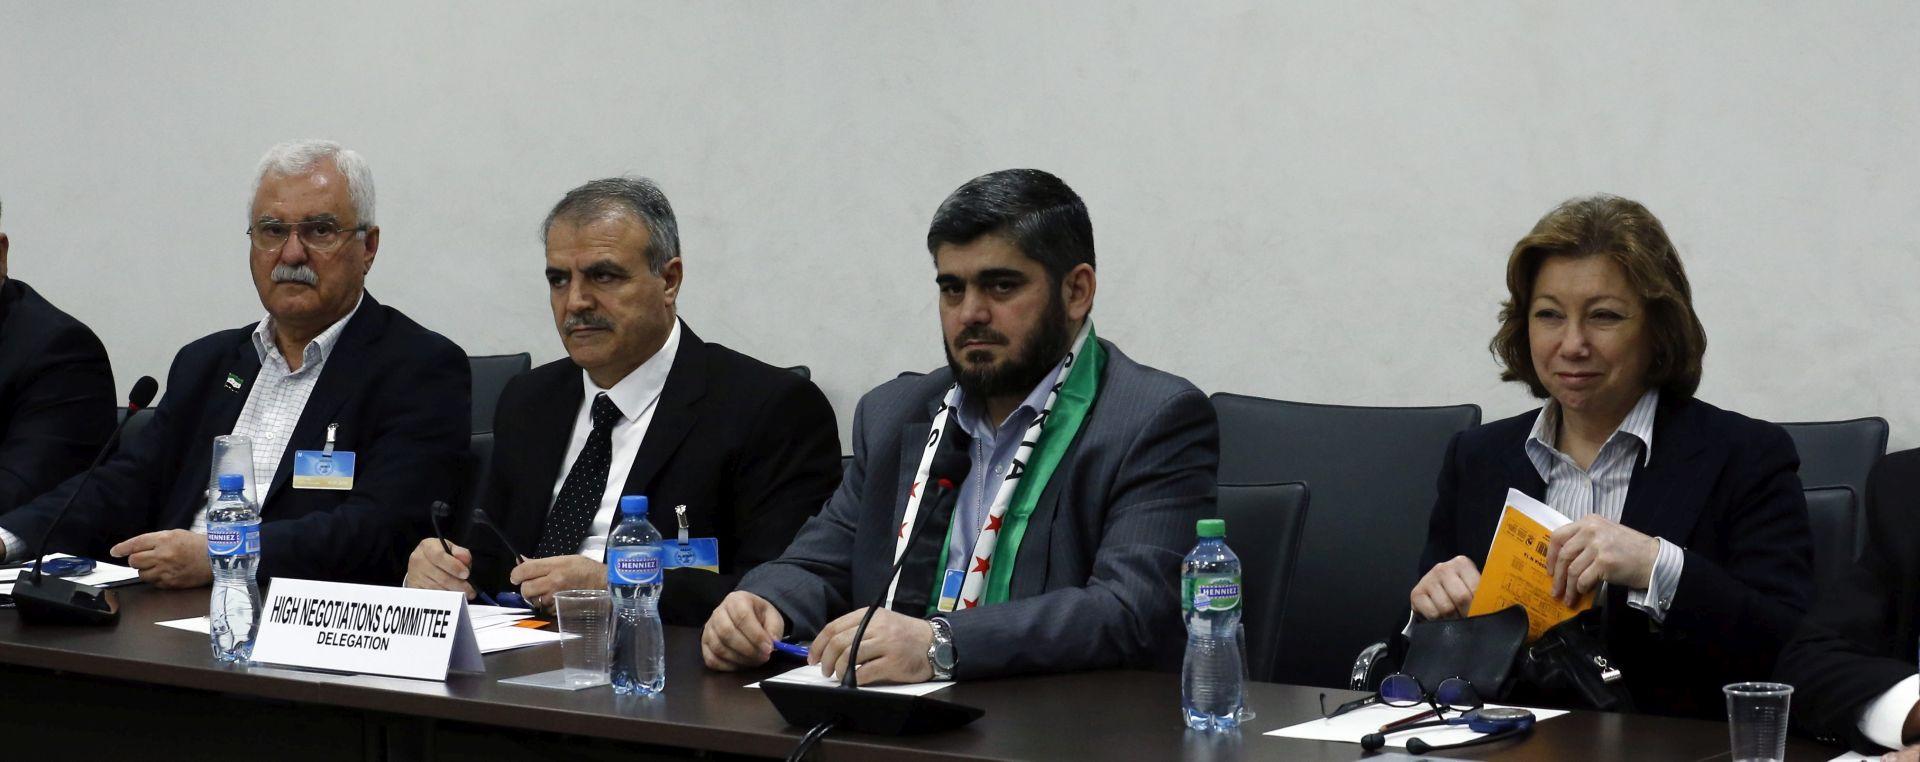 """""""Američka nejasnoća"""": Sirijska oporba zabrinuta oko tranzicije"""